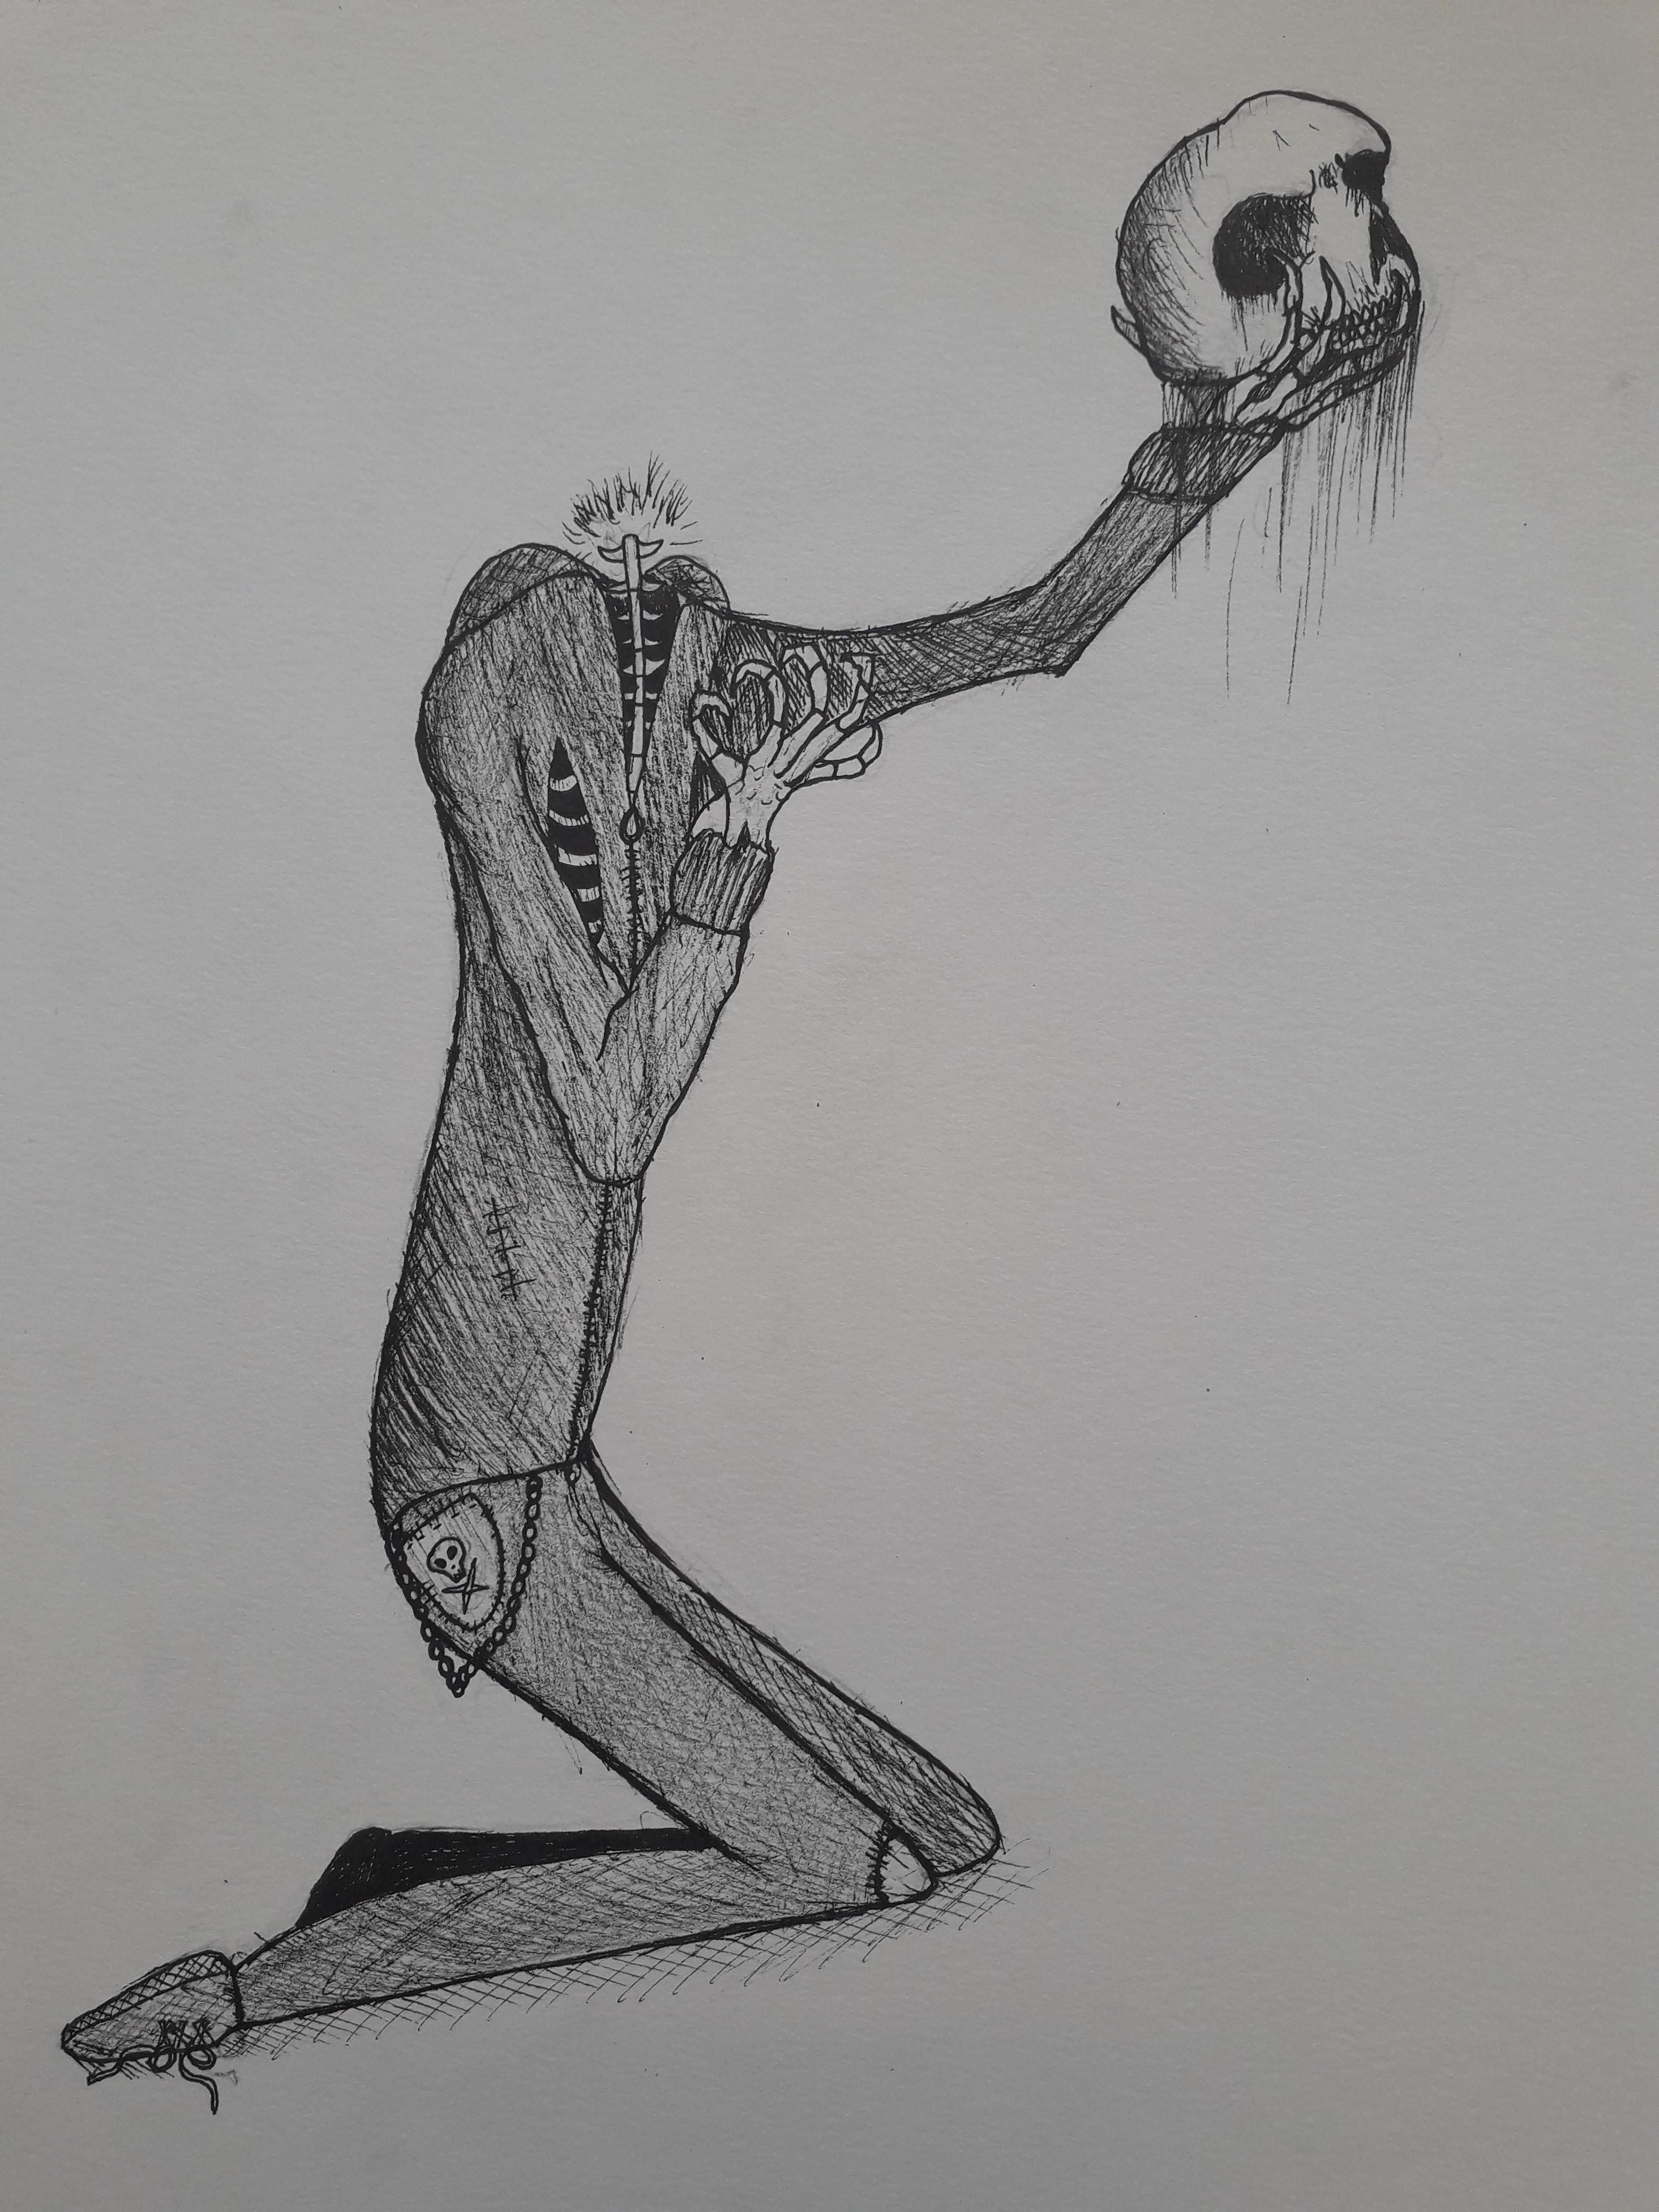 Teckning i svart tusch av en person som knäböjer utan huvud och håller et kranium i sin hand.